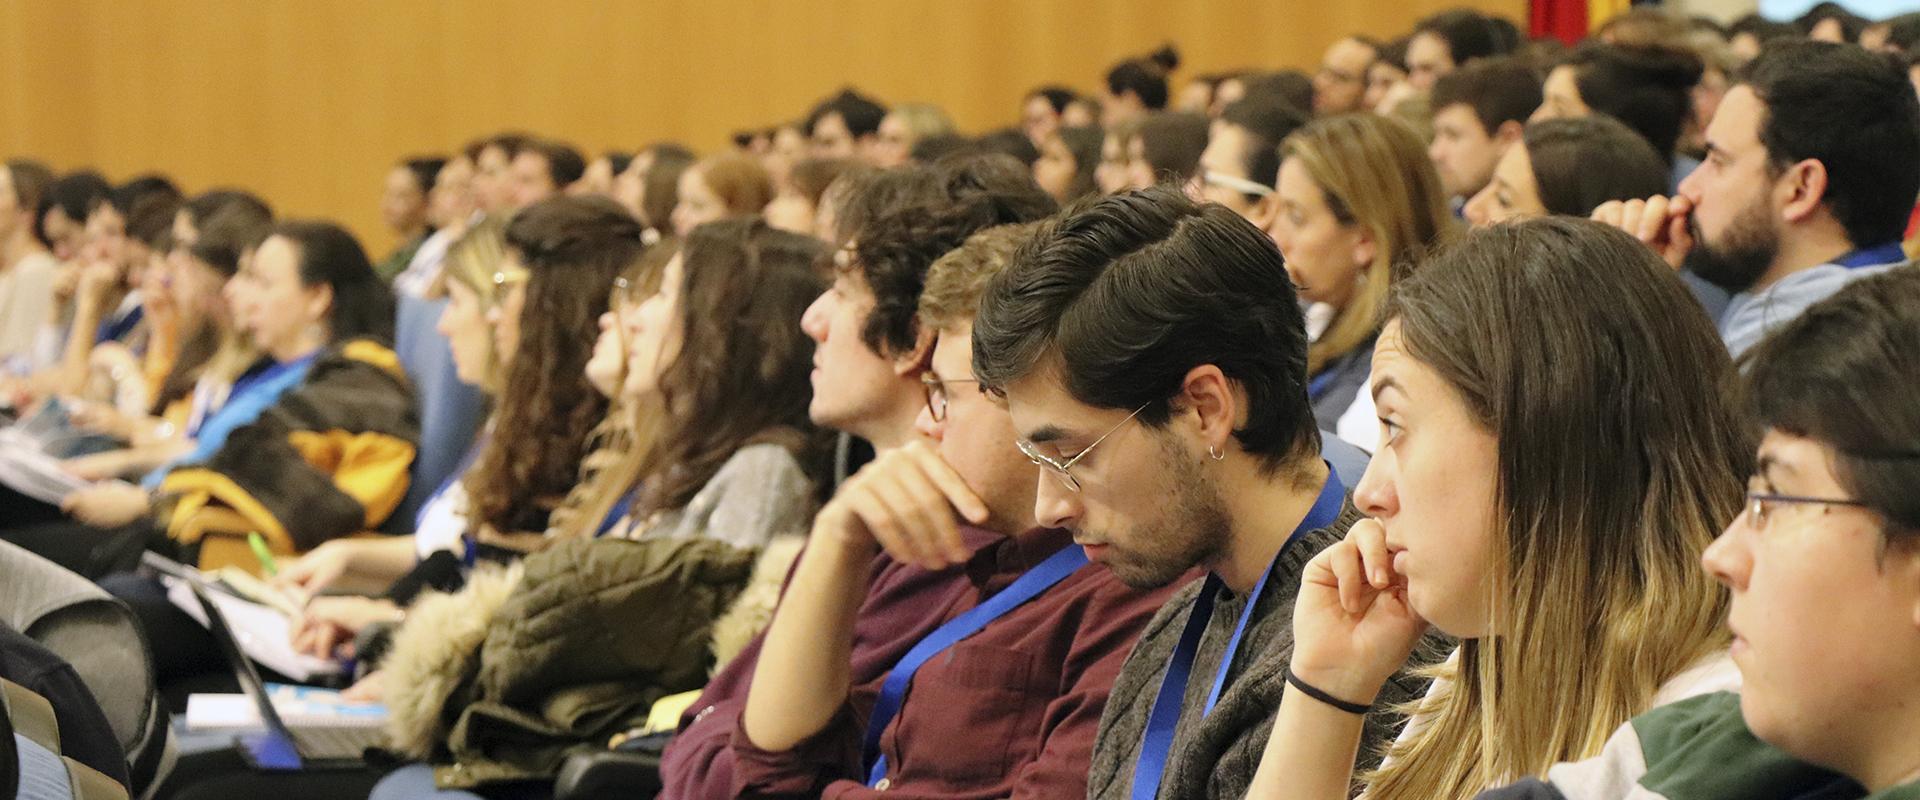 asistentes al curso de arritmias del HCSC